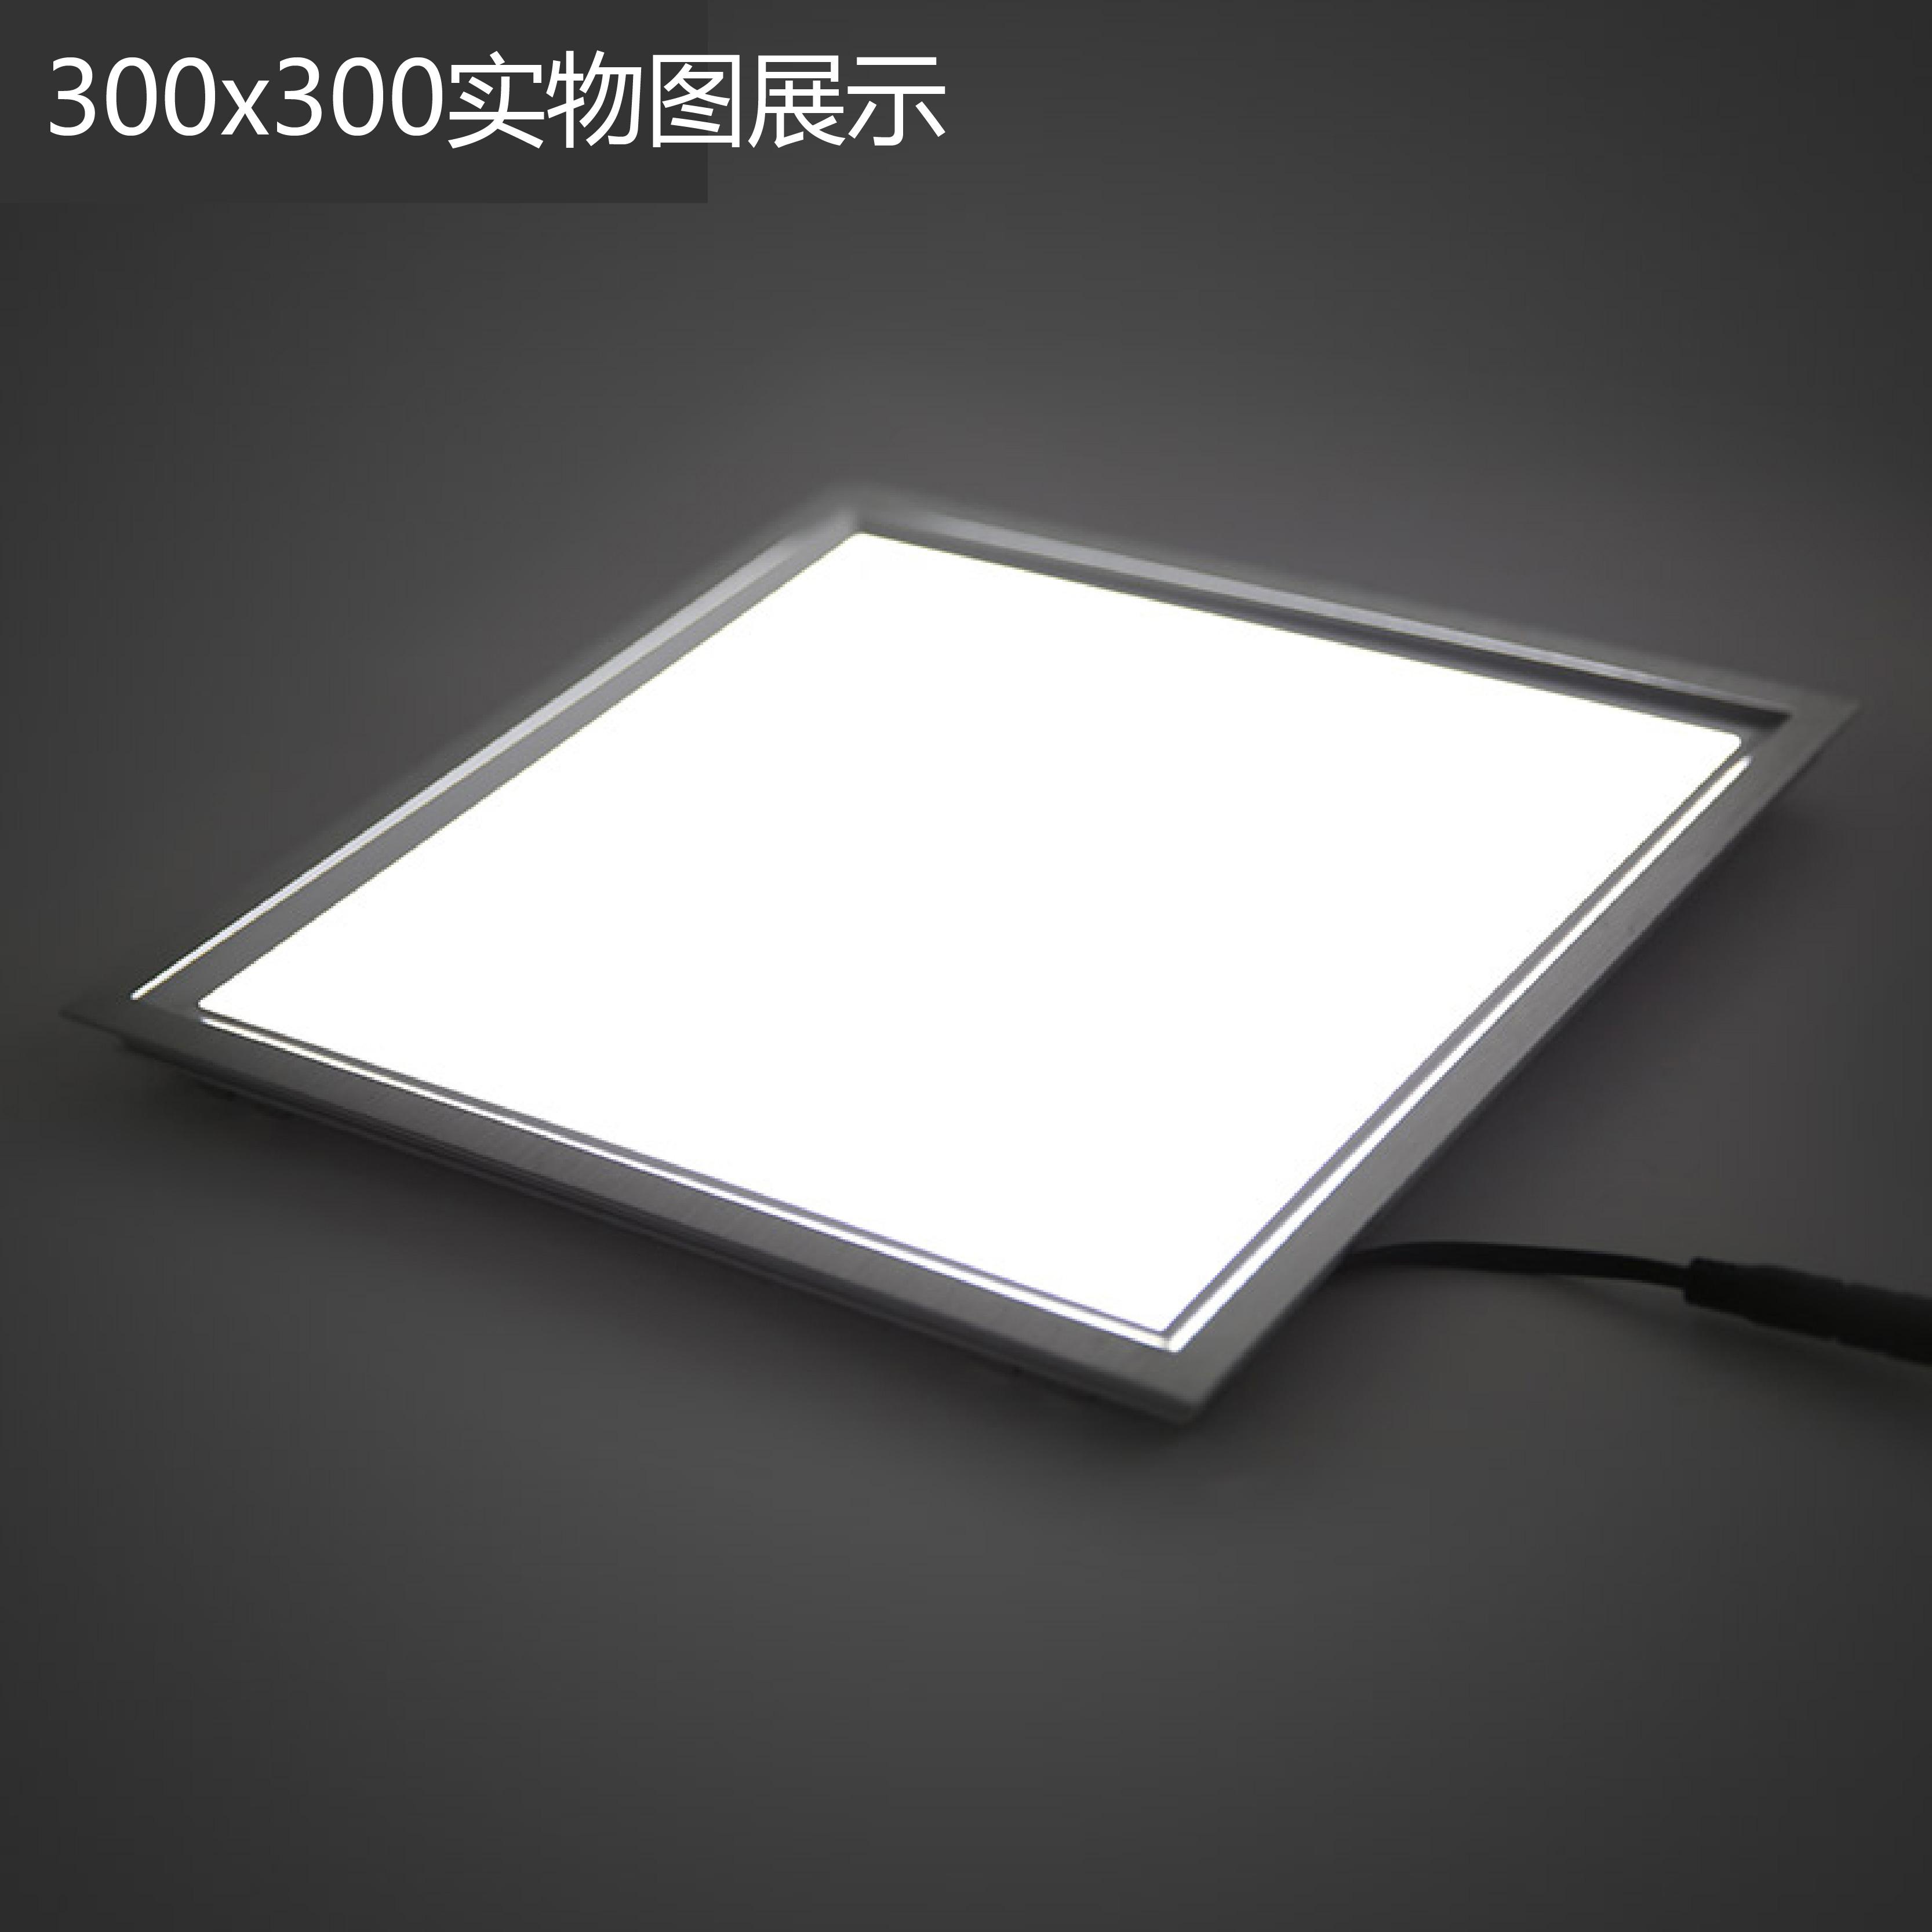 灯 600LED 300 300 铝扣板嵌入式 平板灯 led 三色变光集成吊顶灯